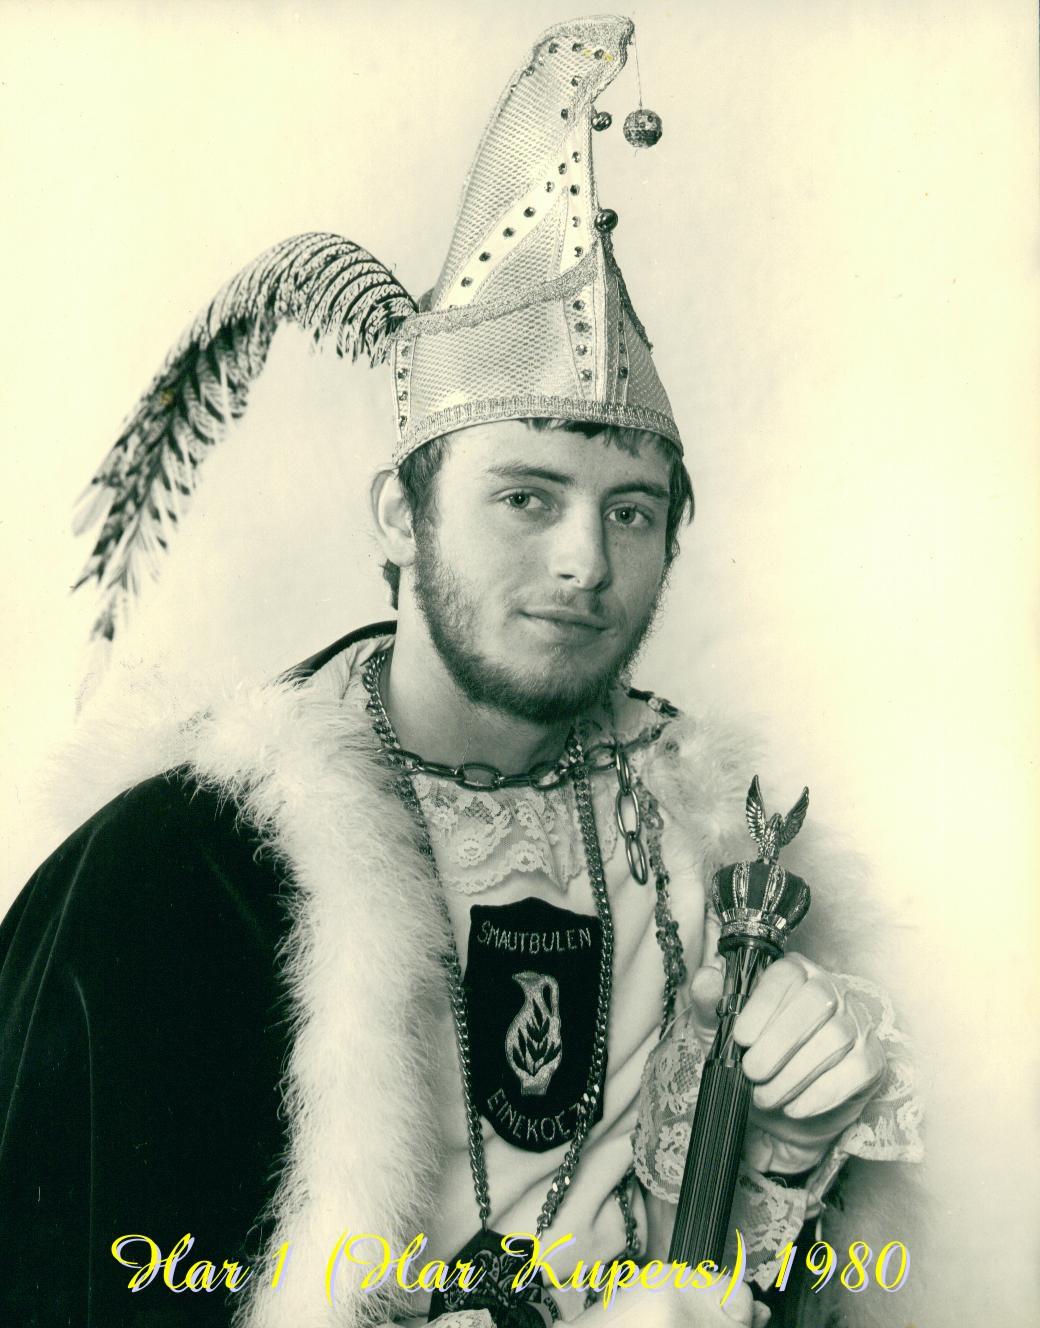 1980 Prins Har (II) Kupers